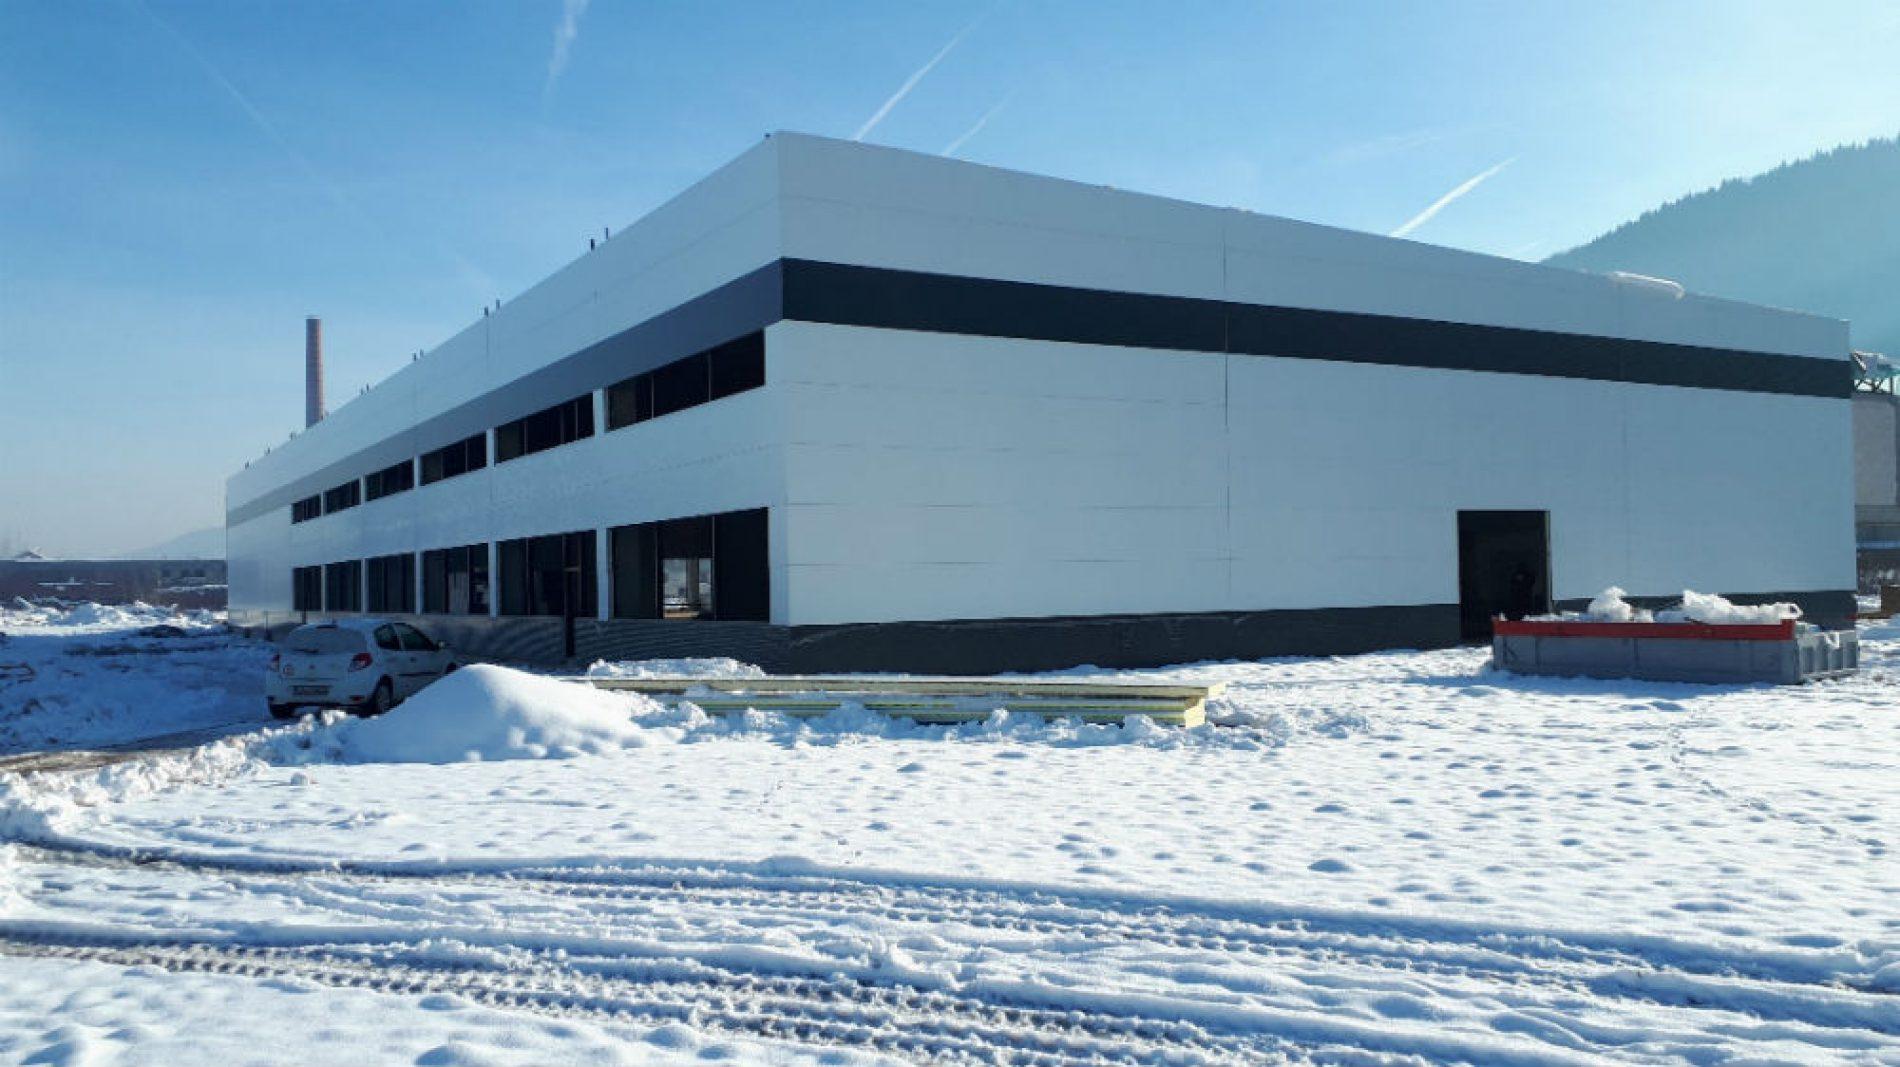 Nova firma u Sanskom Mostu počinje proizvoditi kablove i elektro ormare